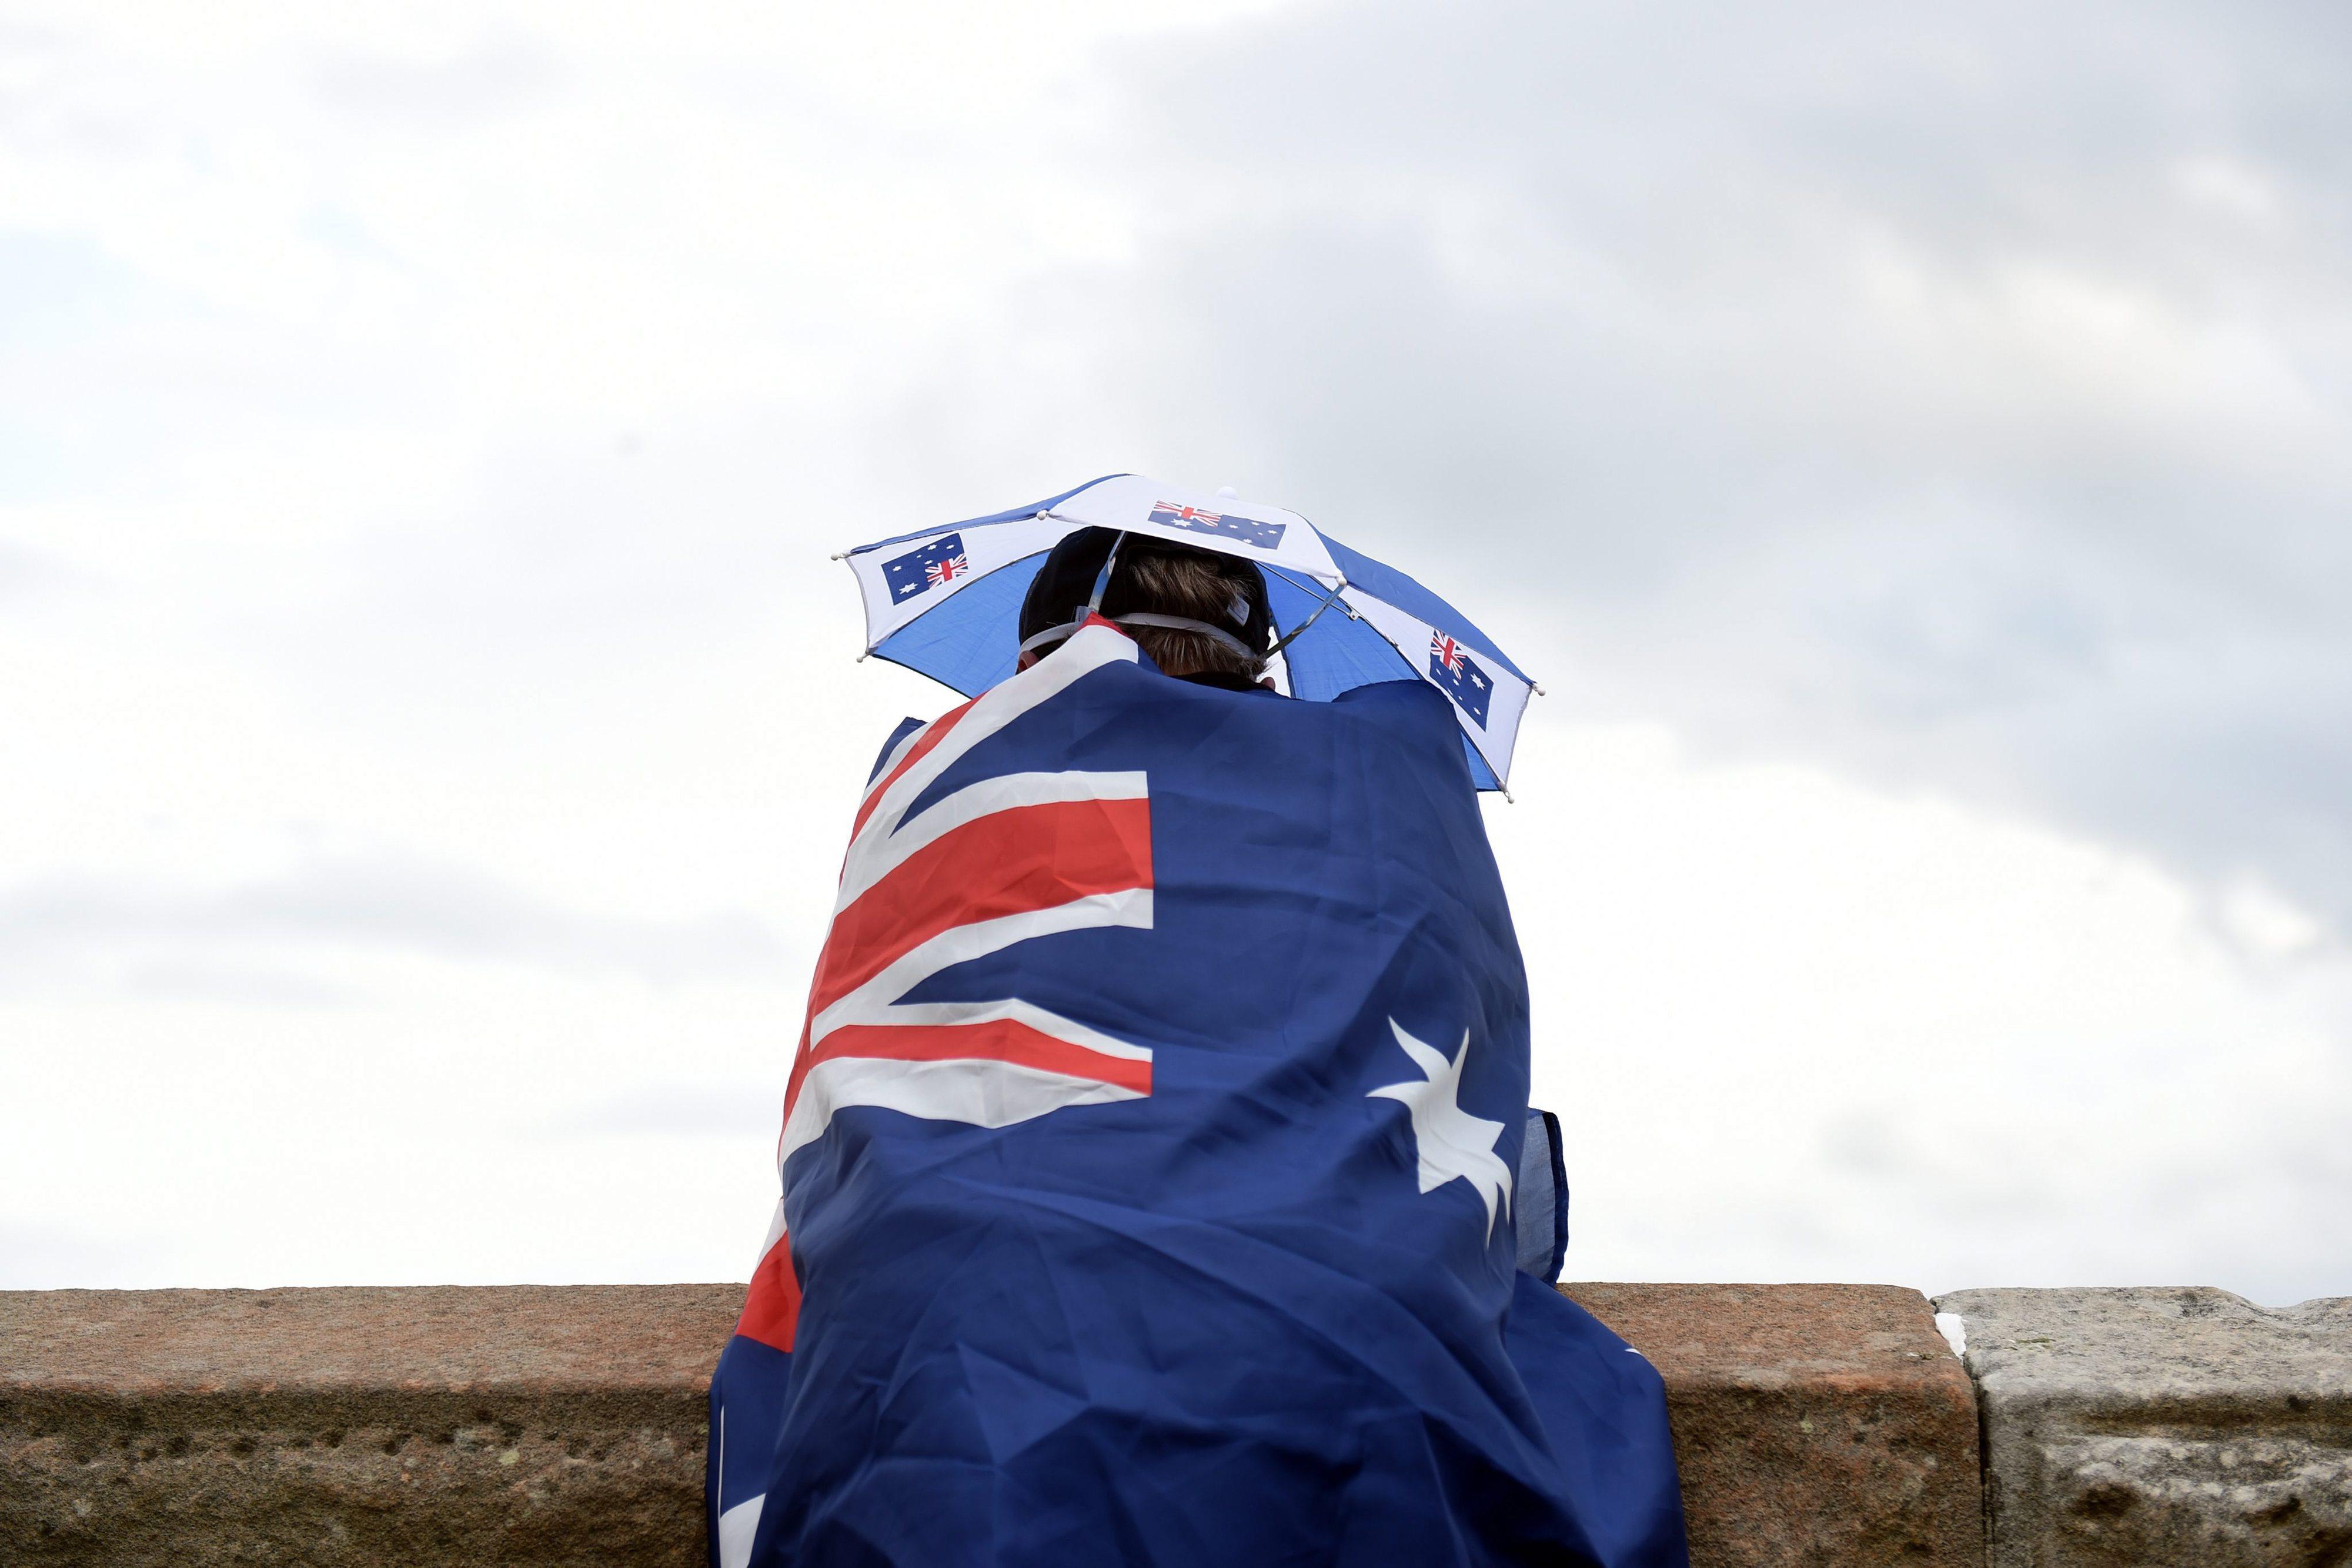 Austrália acorda assinar novo tratado de fronteiras marítimas com Timor-Leste